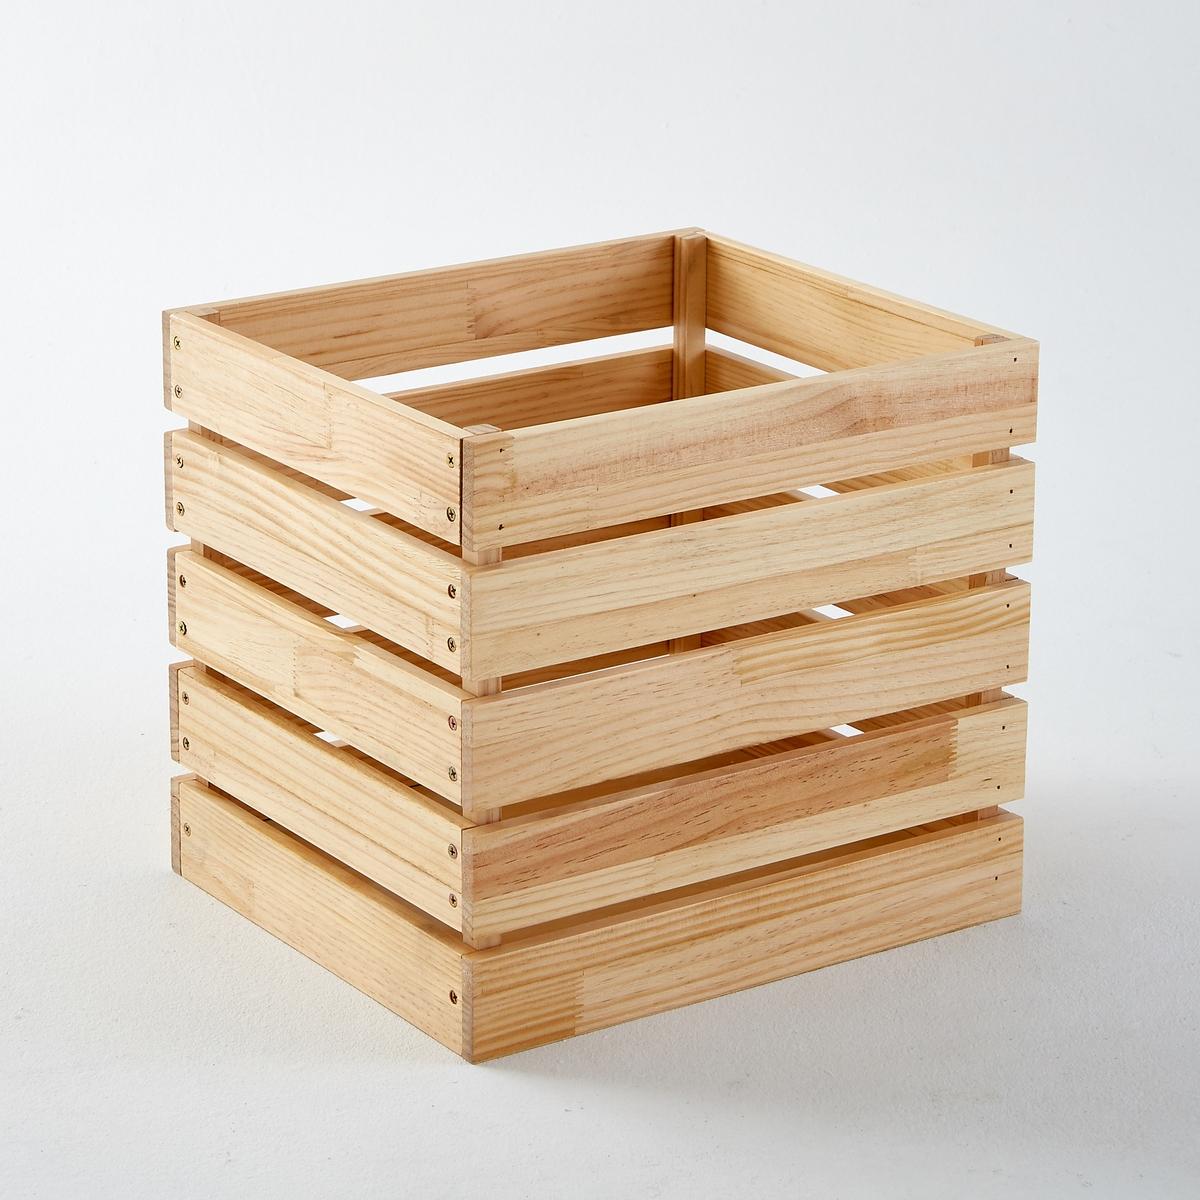 Ящик для вещей из массива сосны, HibaЯщик для вещей из сосны, Hiba . Декоративный и практичный ящик для хранения любых вещей сочетается с другими моделями для ванной и кухни от Hiba . Прекрасно подойдет для зала, спальни и любой другой комнаты в доме .Характеристики ящика для вещей из сосны, Hiba :Сосновые дощечки с масляным покрытием, толщ. 15 мм.Дно из МДФ, толщ. 9 мм .Найдите все ящики для хранения вещей и всю коллекцию Hiba на сайте laredoute.ruРазмеры ящика для вещей из сосны, Hiba  :Общие: Ширина 33,6 см Глубина 38,6 см Высота 35 смВес 3,2 кг Размеры и вес в упаковке :1 упаковка. Длина 41 x Ширина 38,5 x Высота 10,5 cм. 3,9 кг.<br><br>Цвет: серо-бежевый